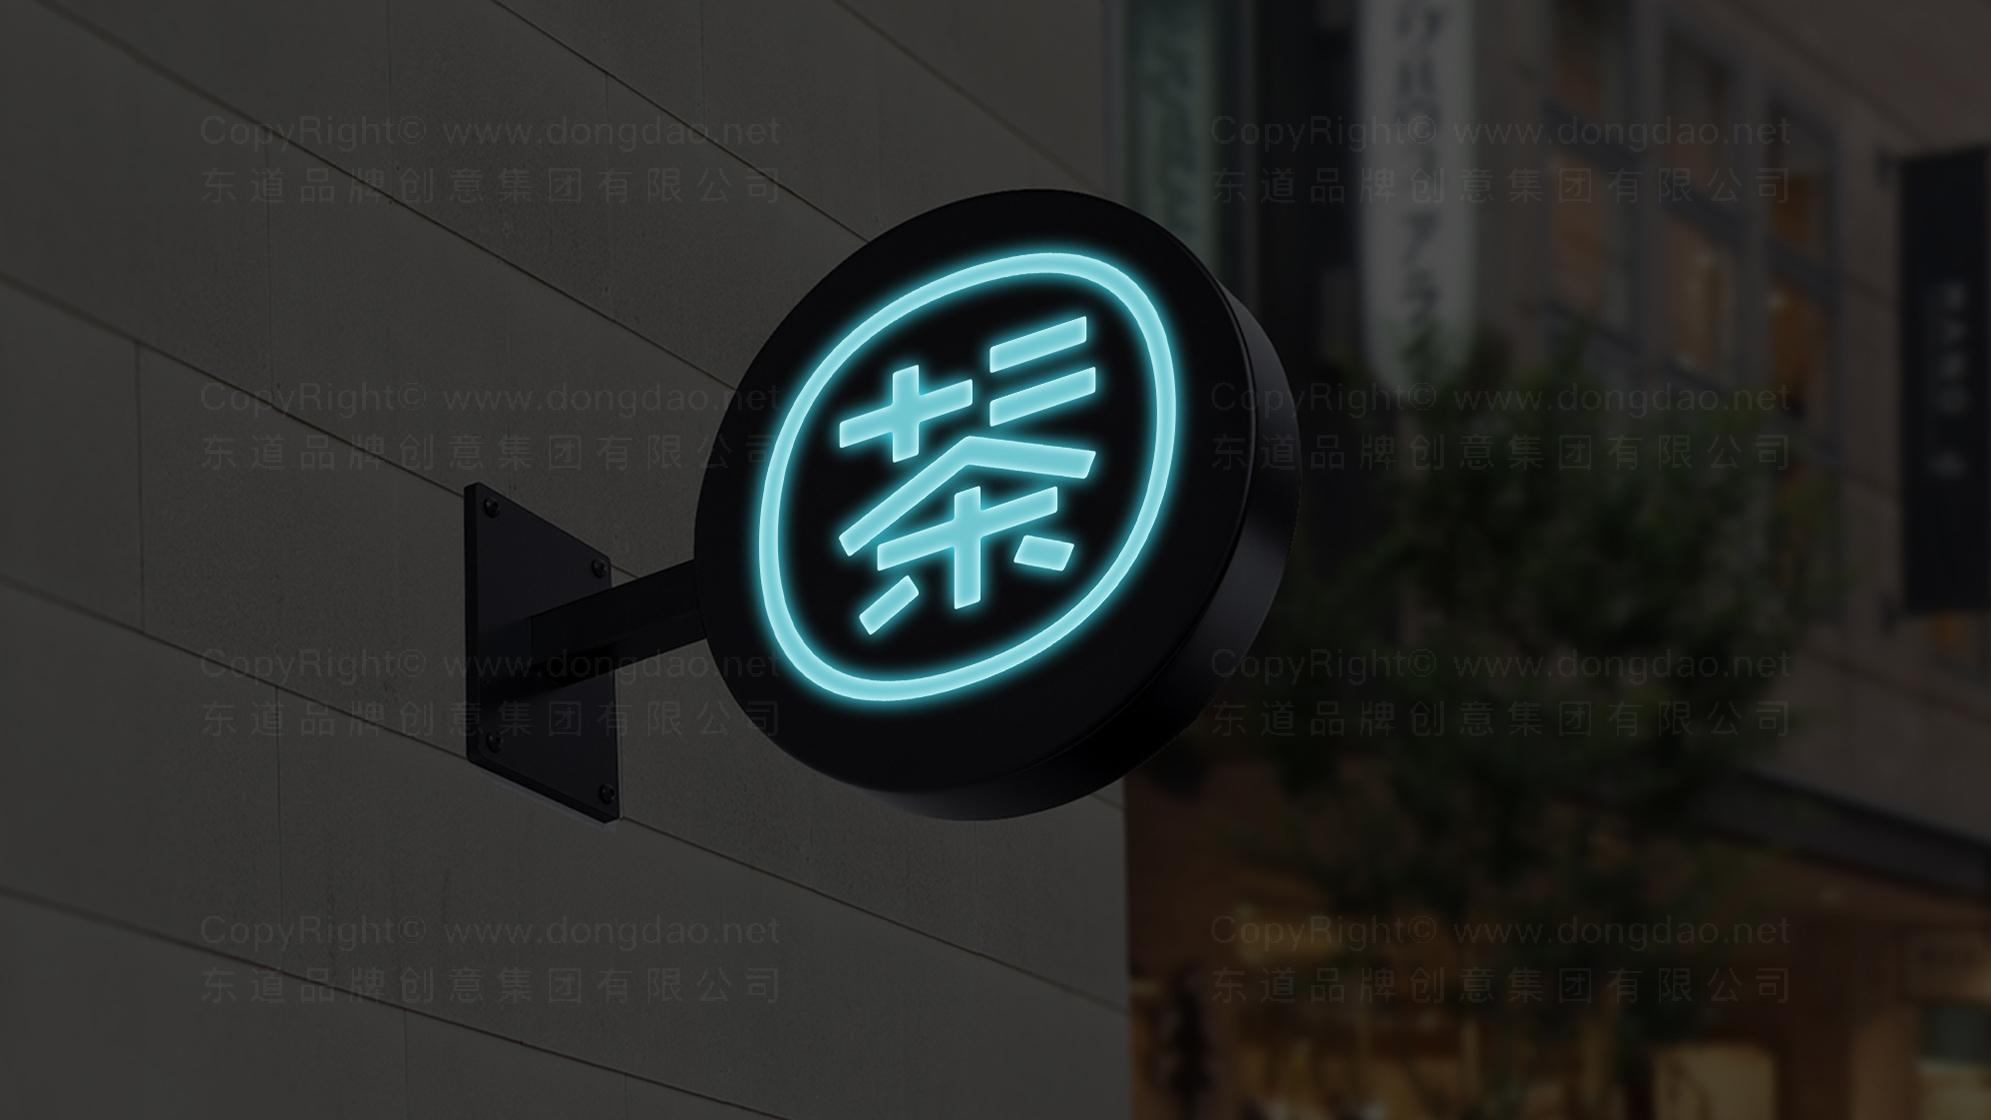 品牌设计十二茶涧LOGO&VI设计应用场景_19